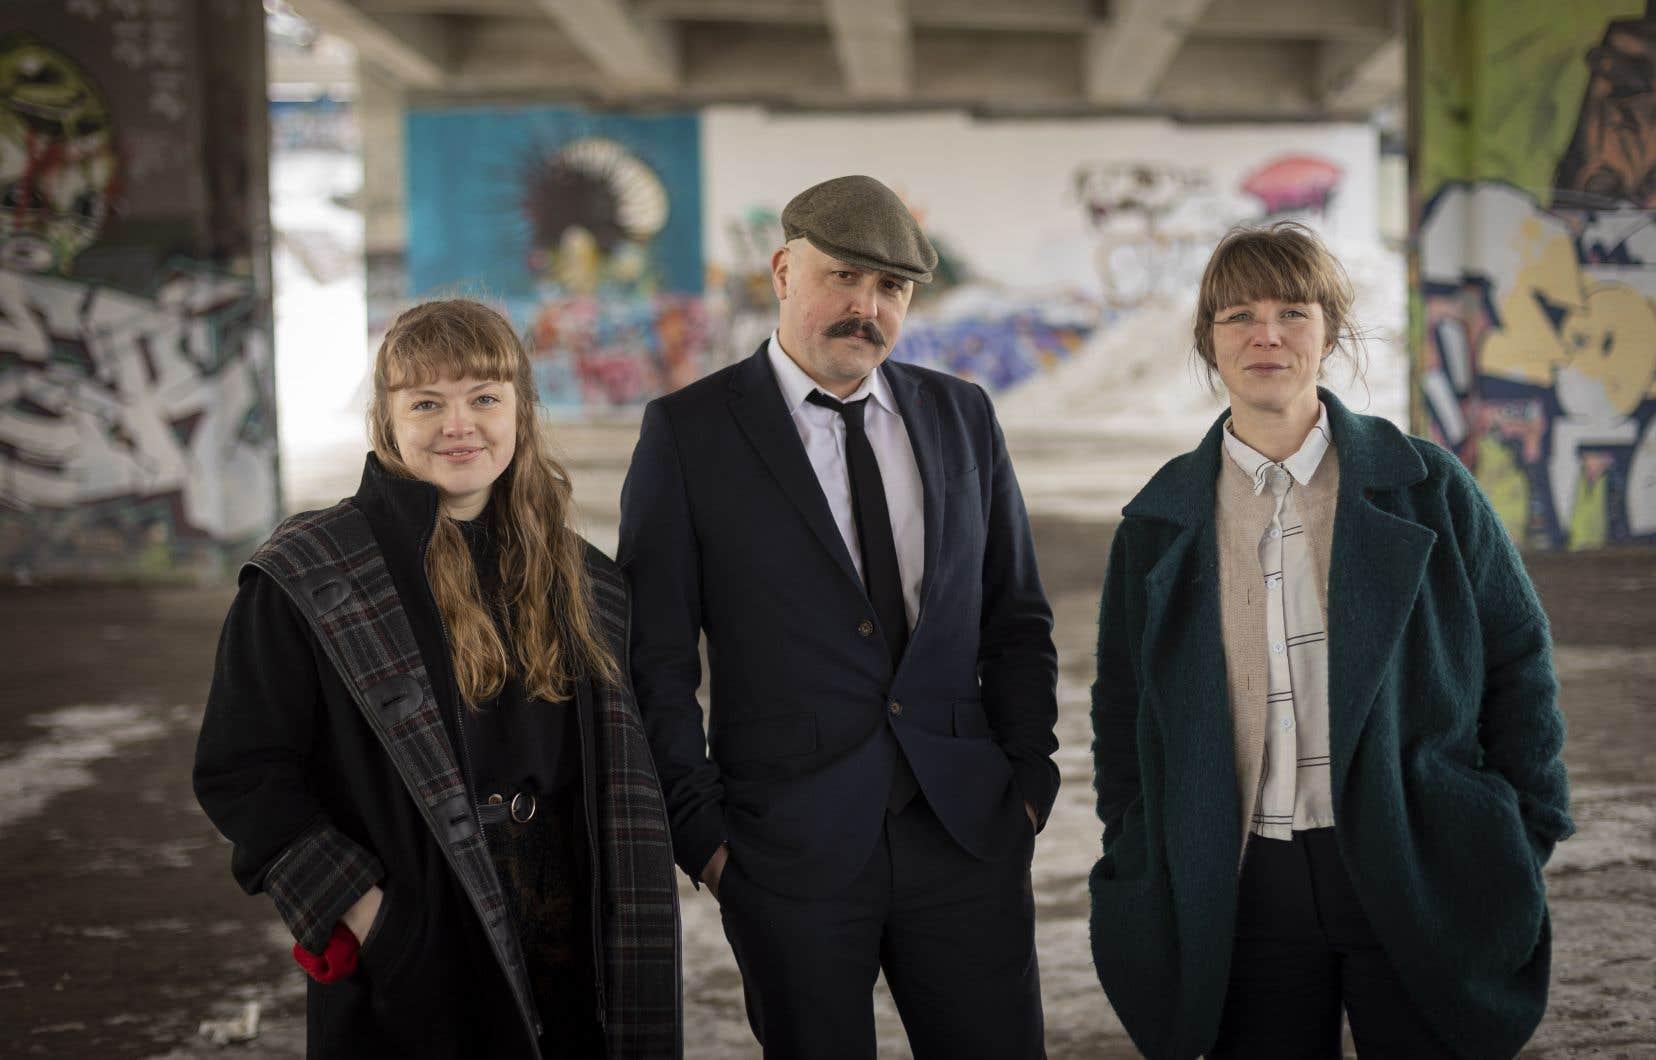 Simon Dumas, directeur artistique de Rhizome, entouré des codirectrices du Mois de la poésie Juliette Bernatchez et Vanessa Bell